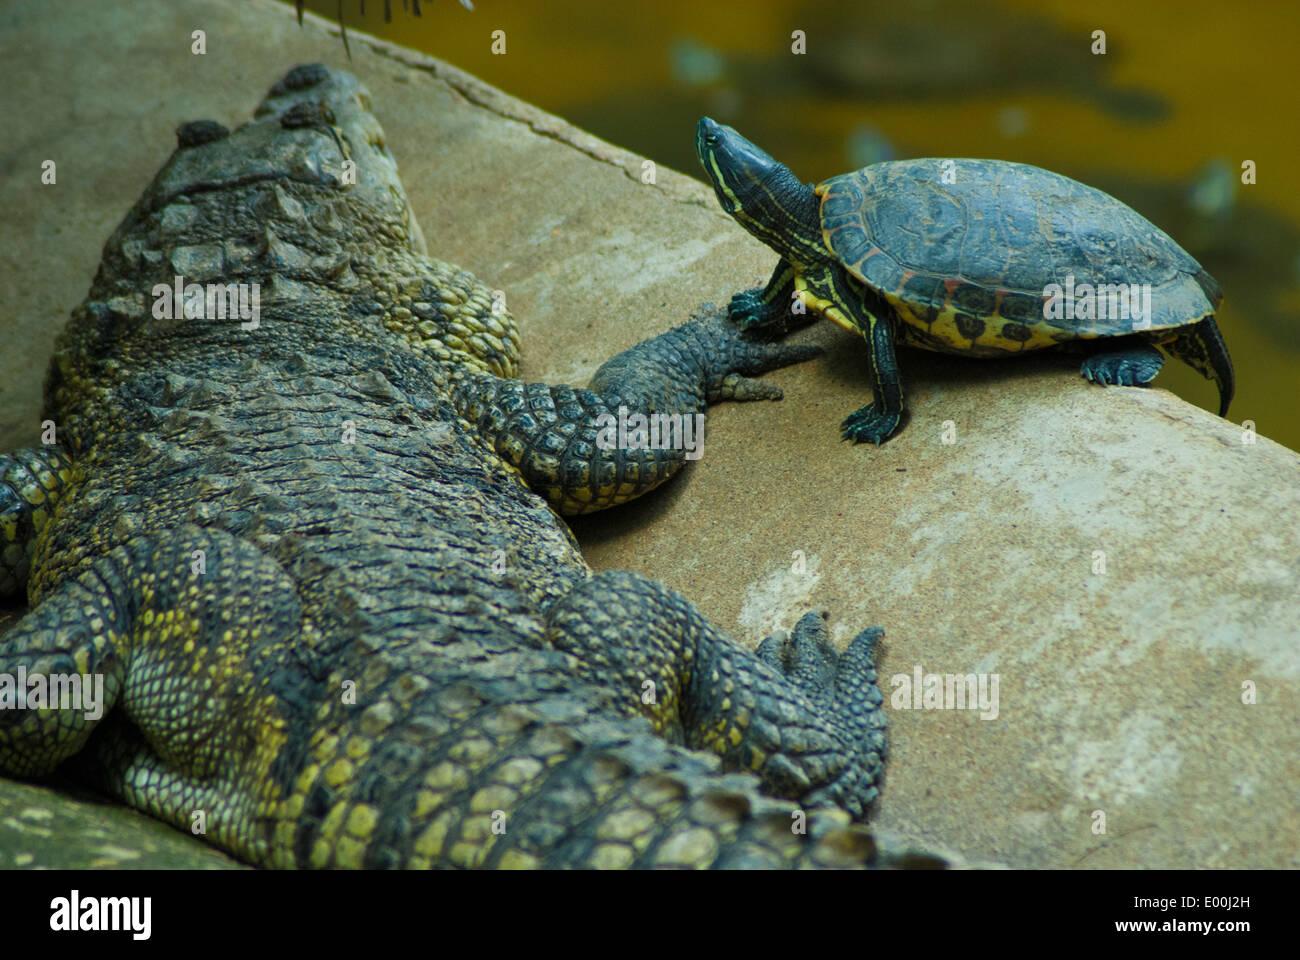 Foto De Parque Museo La Venta Villahermosa: Mexico, Tabascan Capital Of Villahermosa, Parque Museo La